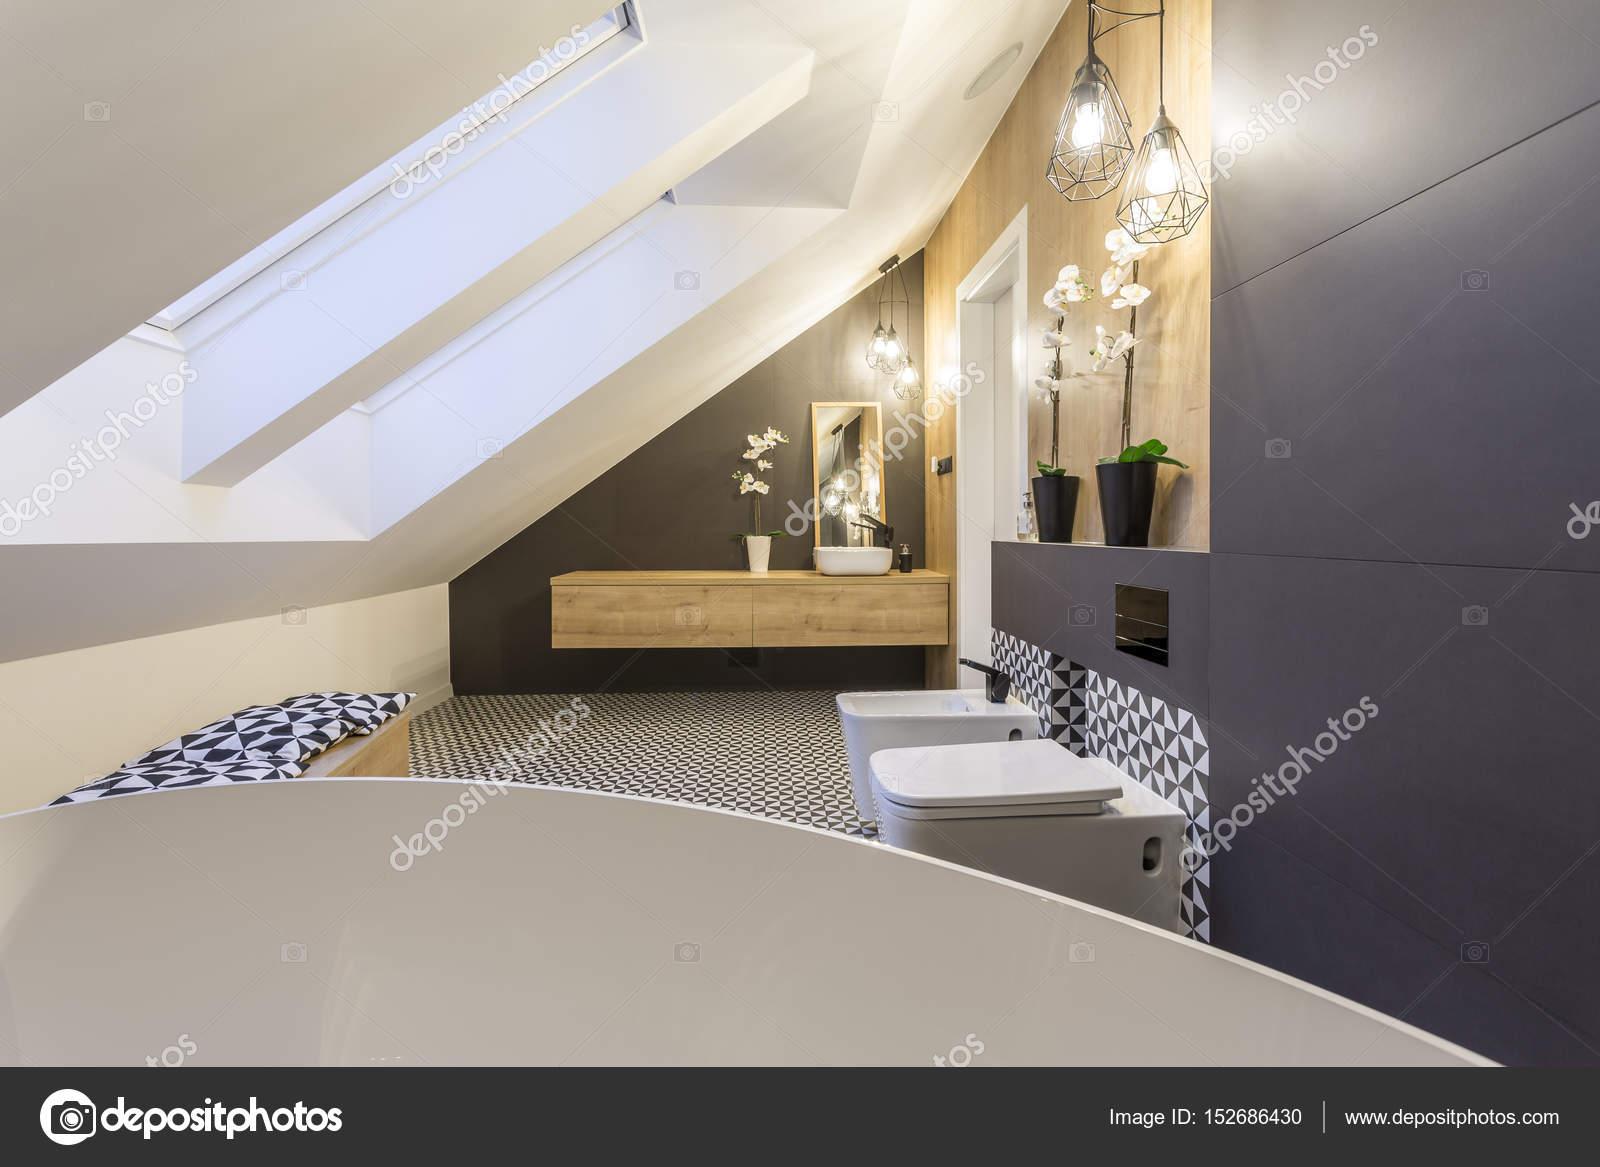 badkamer op de zolder — Stockfoto © photographee.eu #152686430